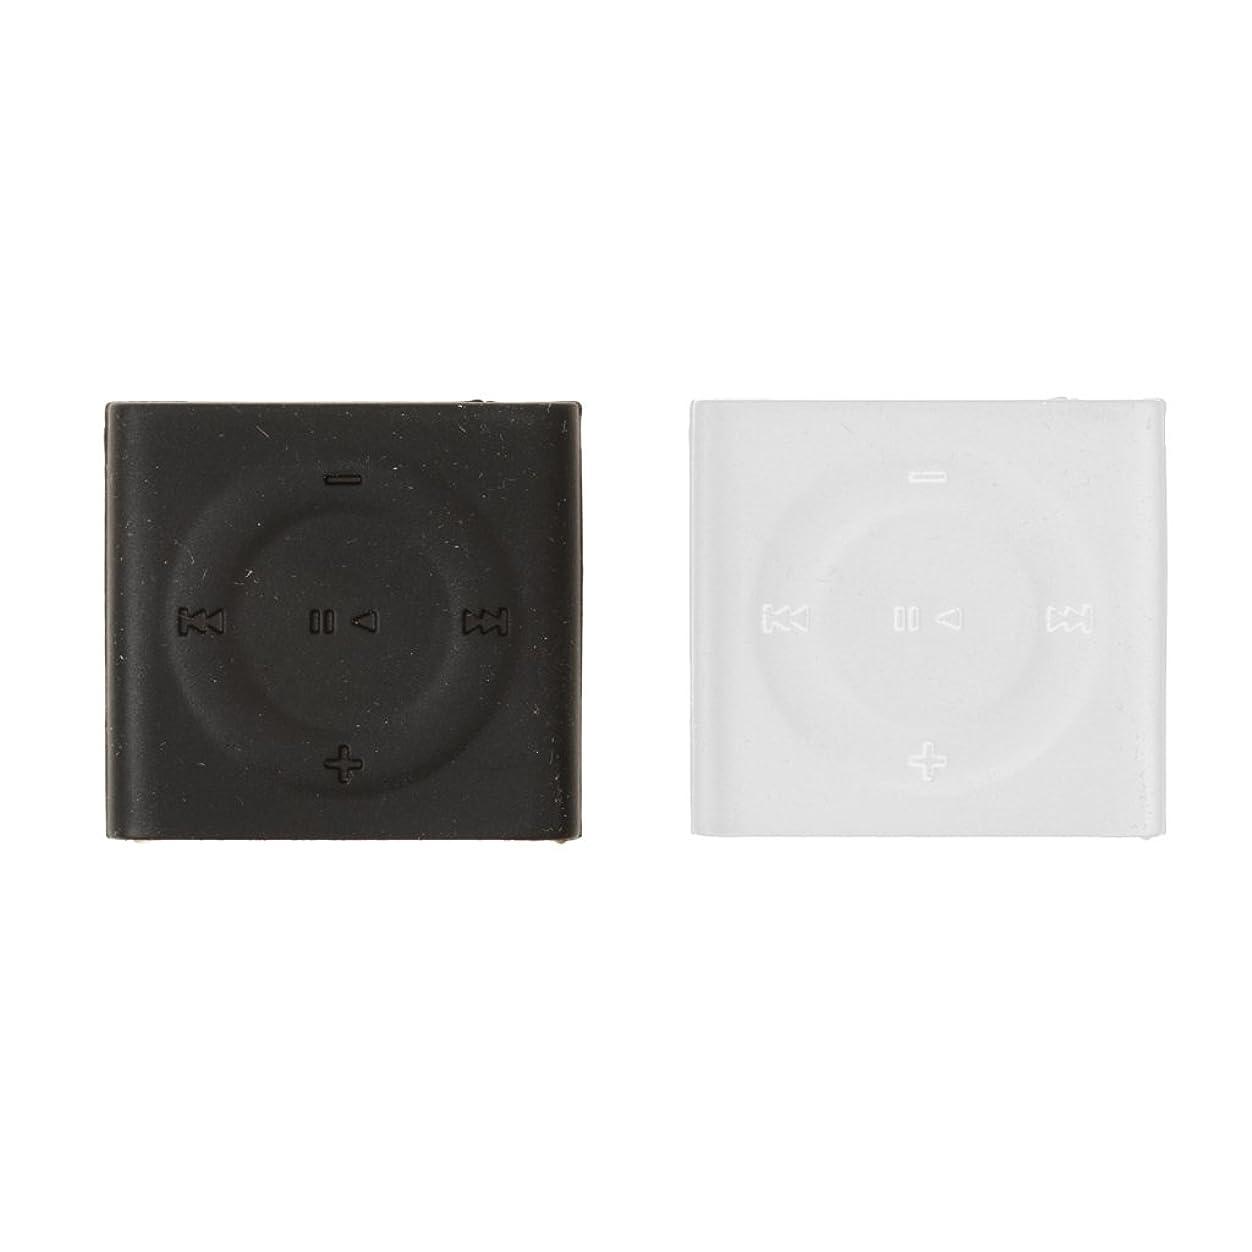 薄いです巡礼者安西IPOTCH 2ピース アンチスリップ ソフト シリコン スキンケースカバー MP3 IPod Shuffle6 6/7に対応 指紋防止 衝撃吸収  超薄型最軽量